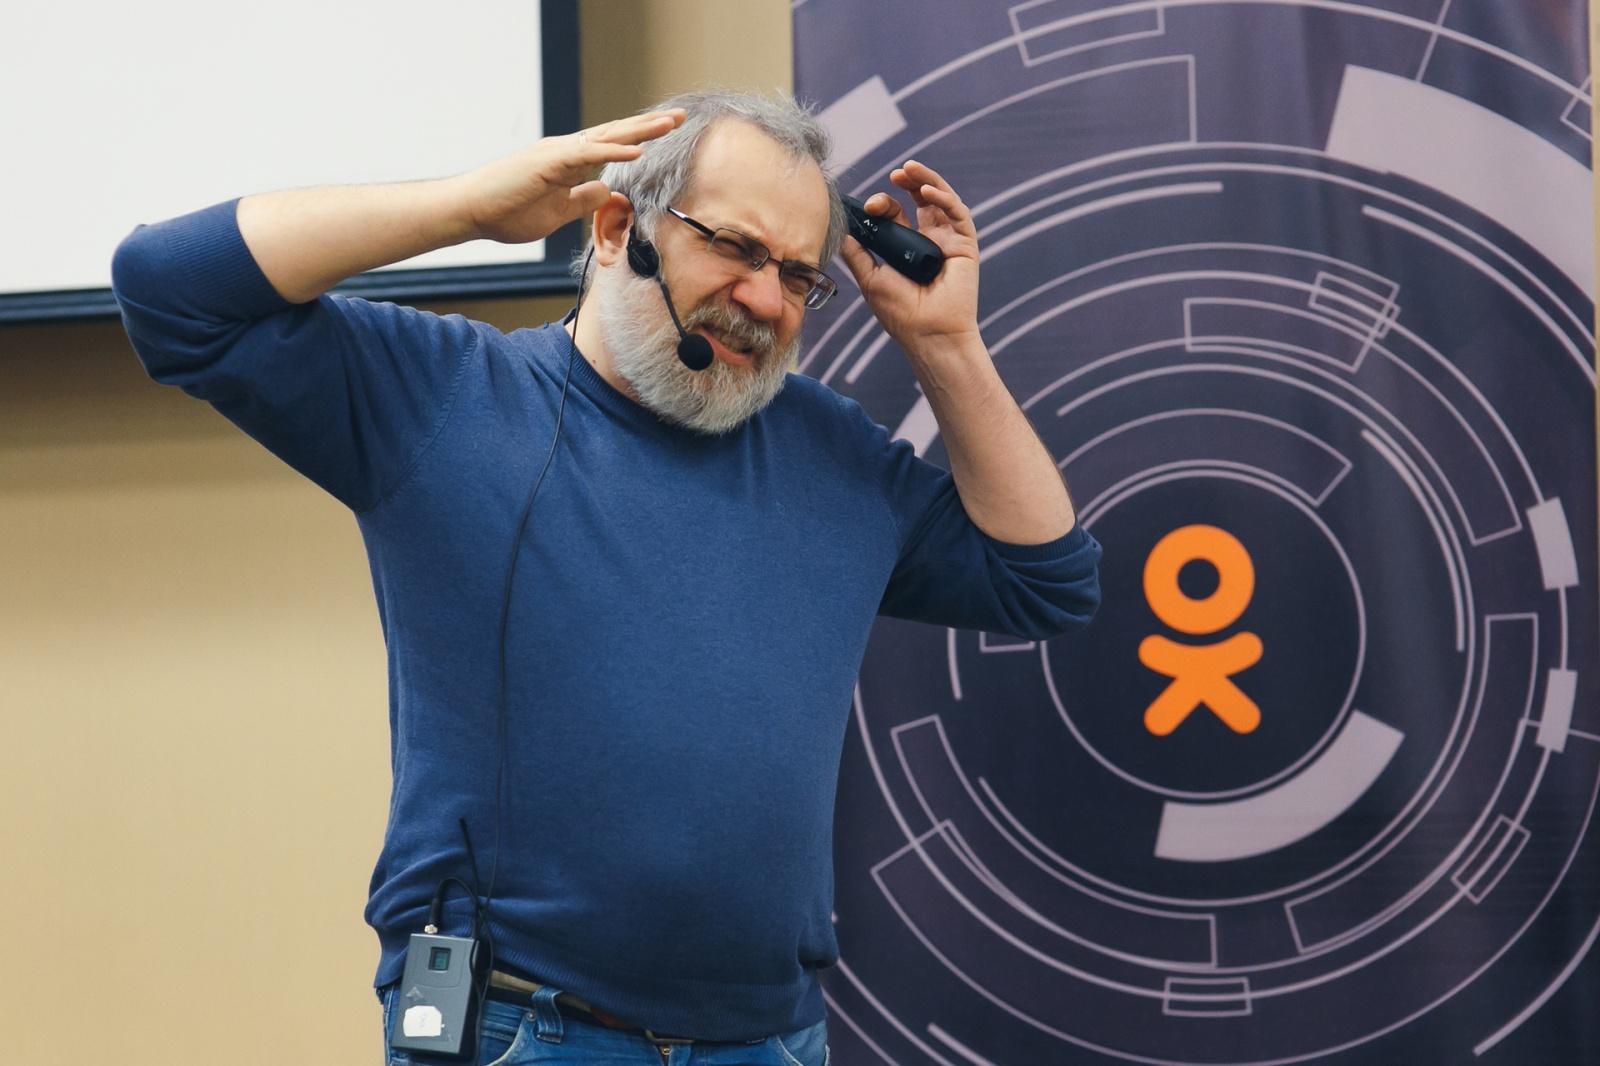 Конференция Mobius: как в мобильных устройствах открывали неочевидное - 2